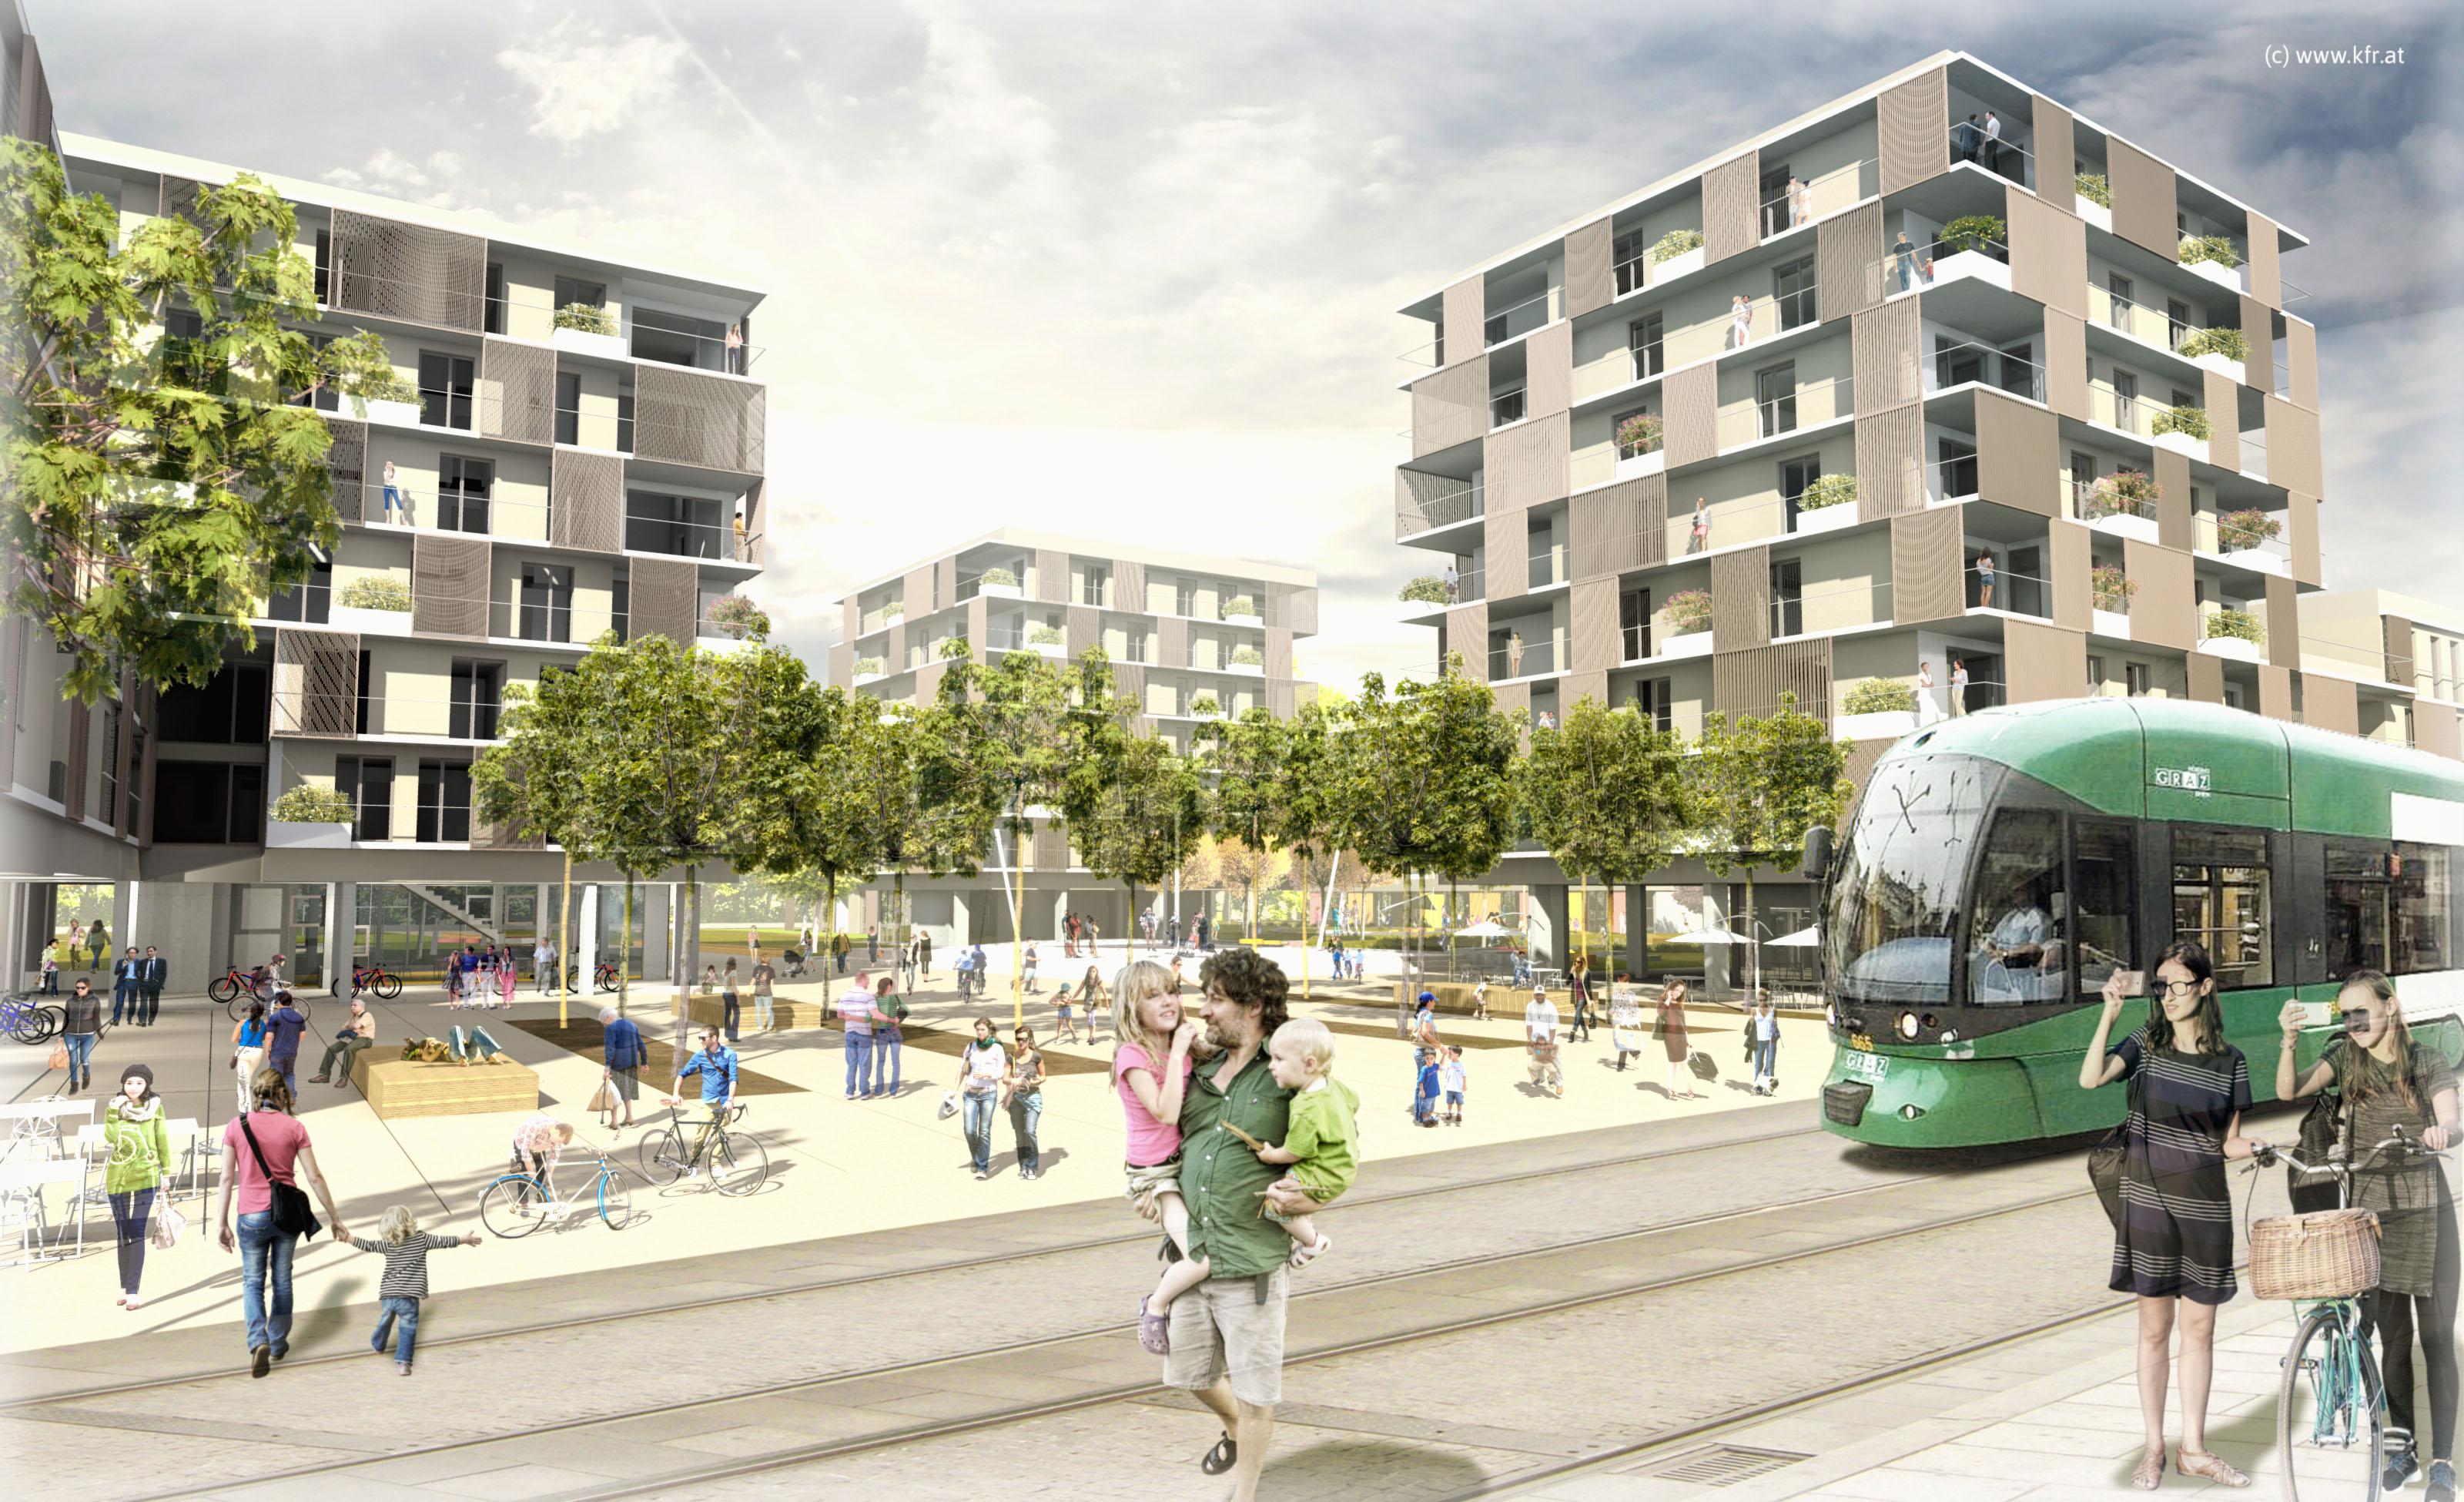 Reininghausgründe Quartier 6 A